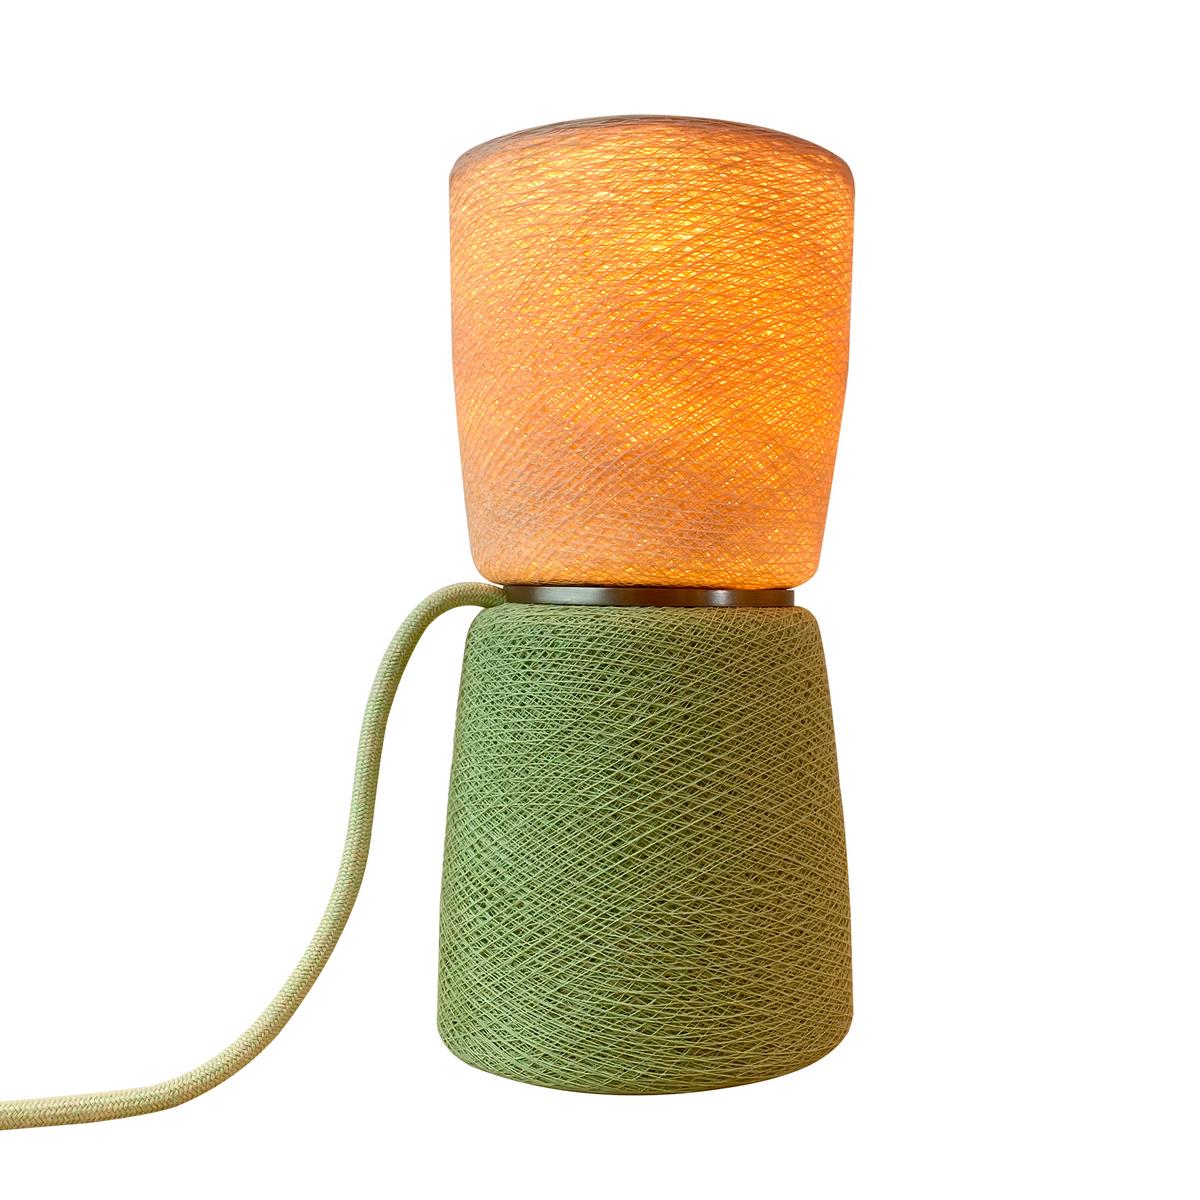 Lampe réversible BAoBA Tilleul